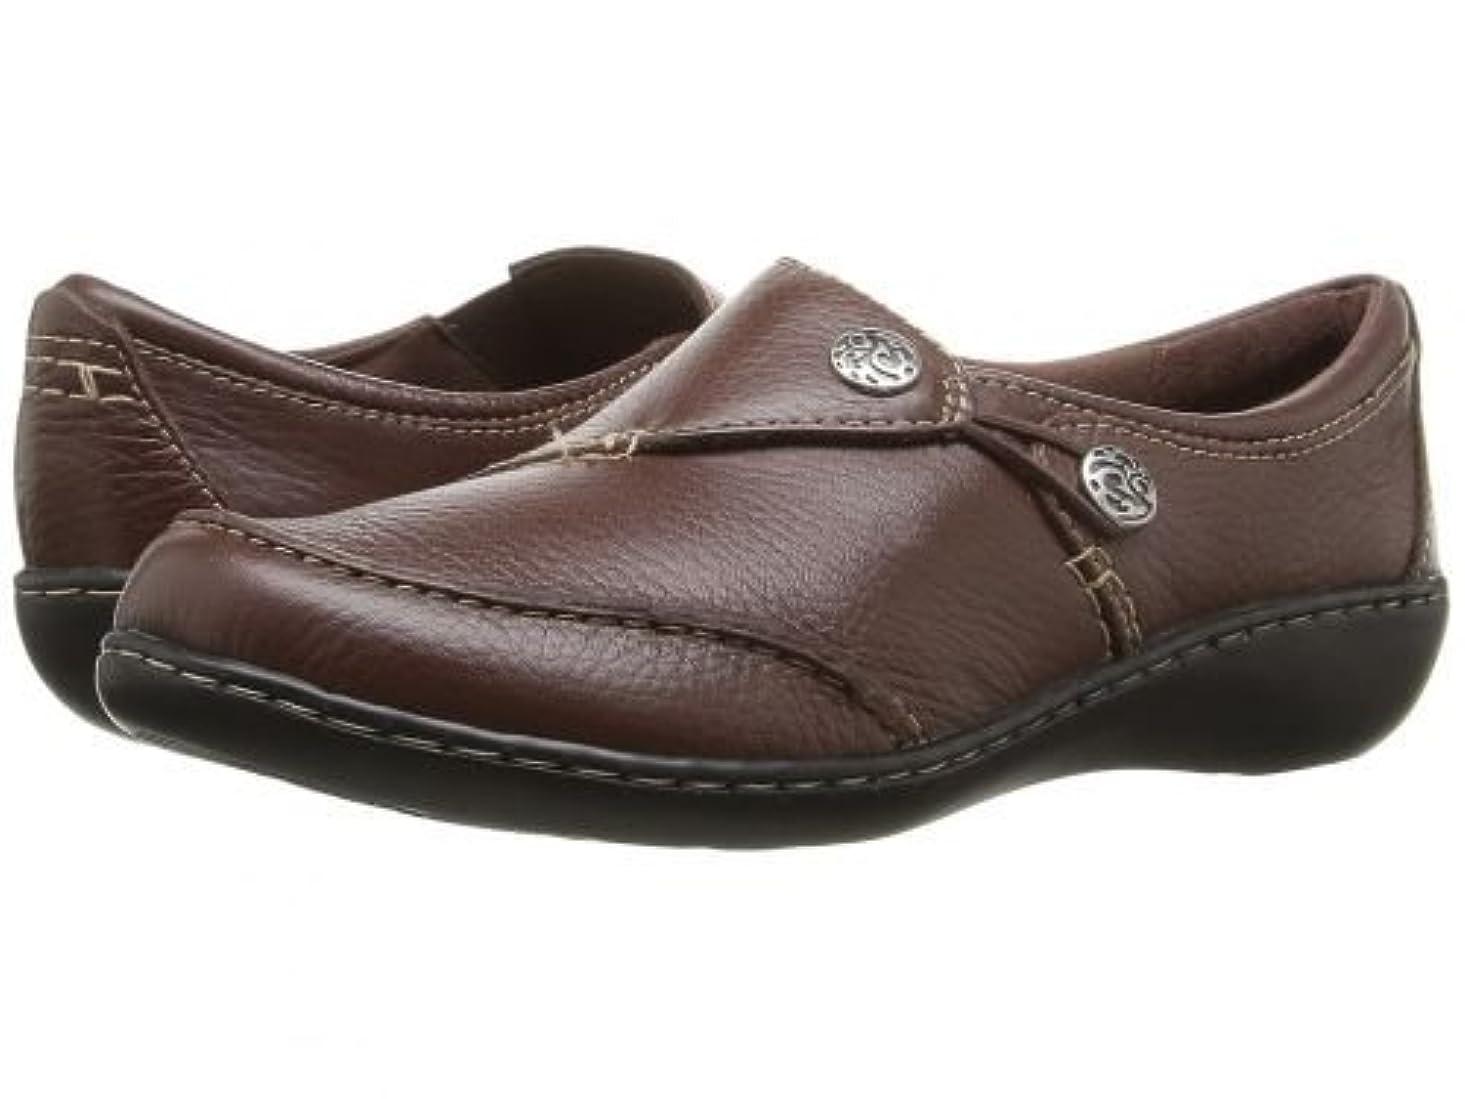 メンタル予備純粋なClarks(クラークス) レディース 女性用 シューズ 靴 ローファー ボートシューズ Ashland Lane Q - Redwood 10 A - Narrow [並行輸入品]